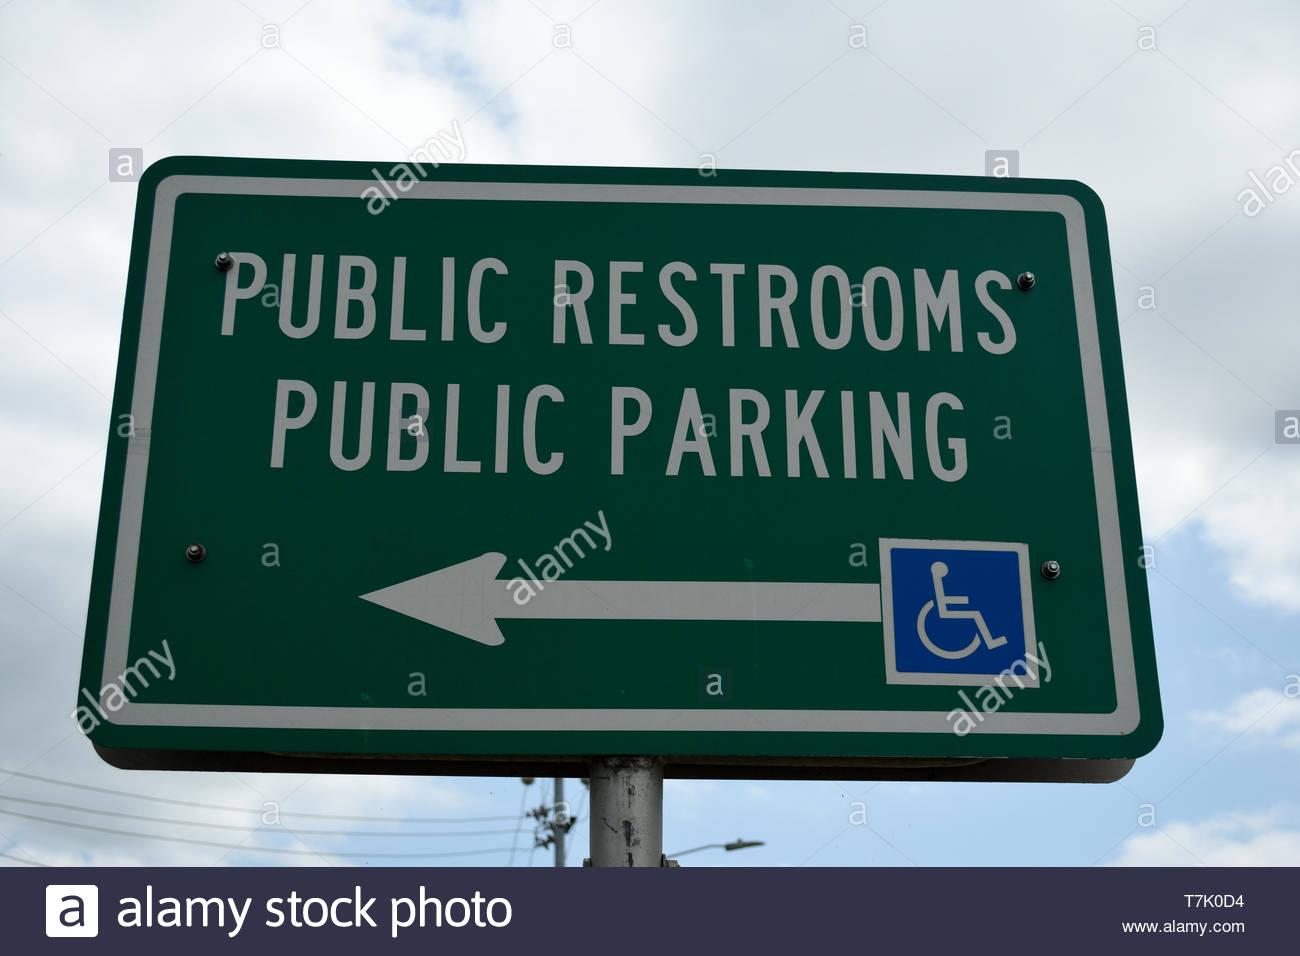 Public Restroom Sign. Public Parking Sign. Handicapped Sign. Sign With Arrow. Public Parking. Public Restrooms. Public Restrooms Public Parking Sign. - Stock Image